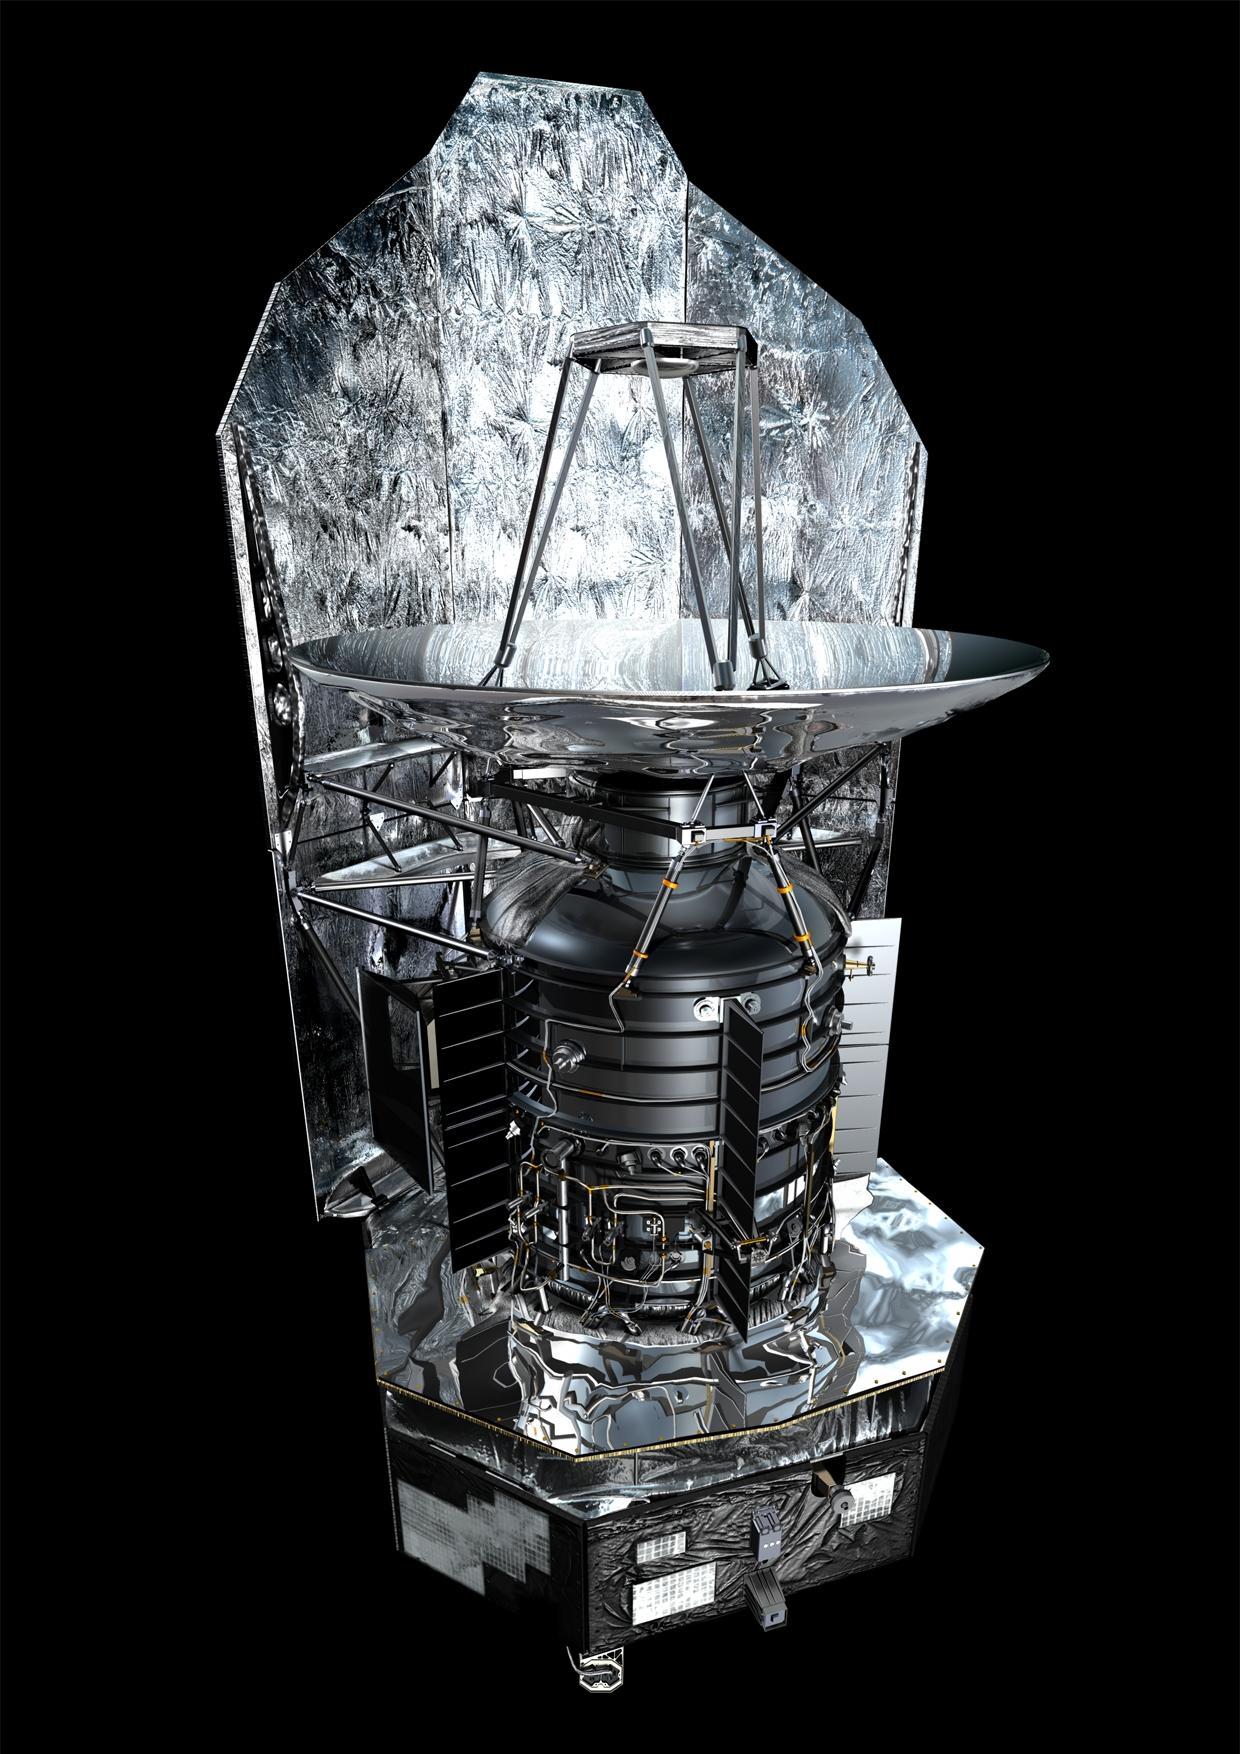 http://esamultimedia.esa.int/images/Science/Herschel.jpg